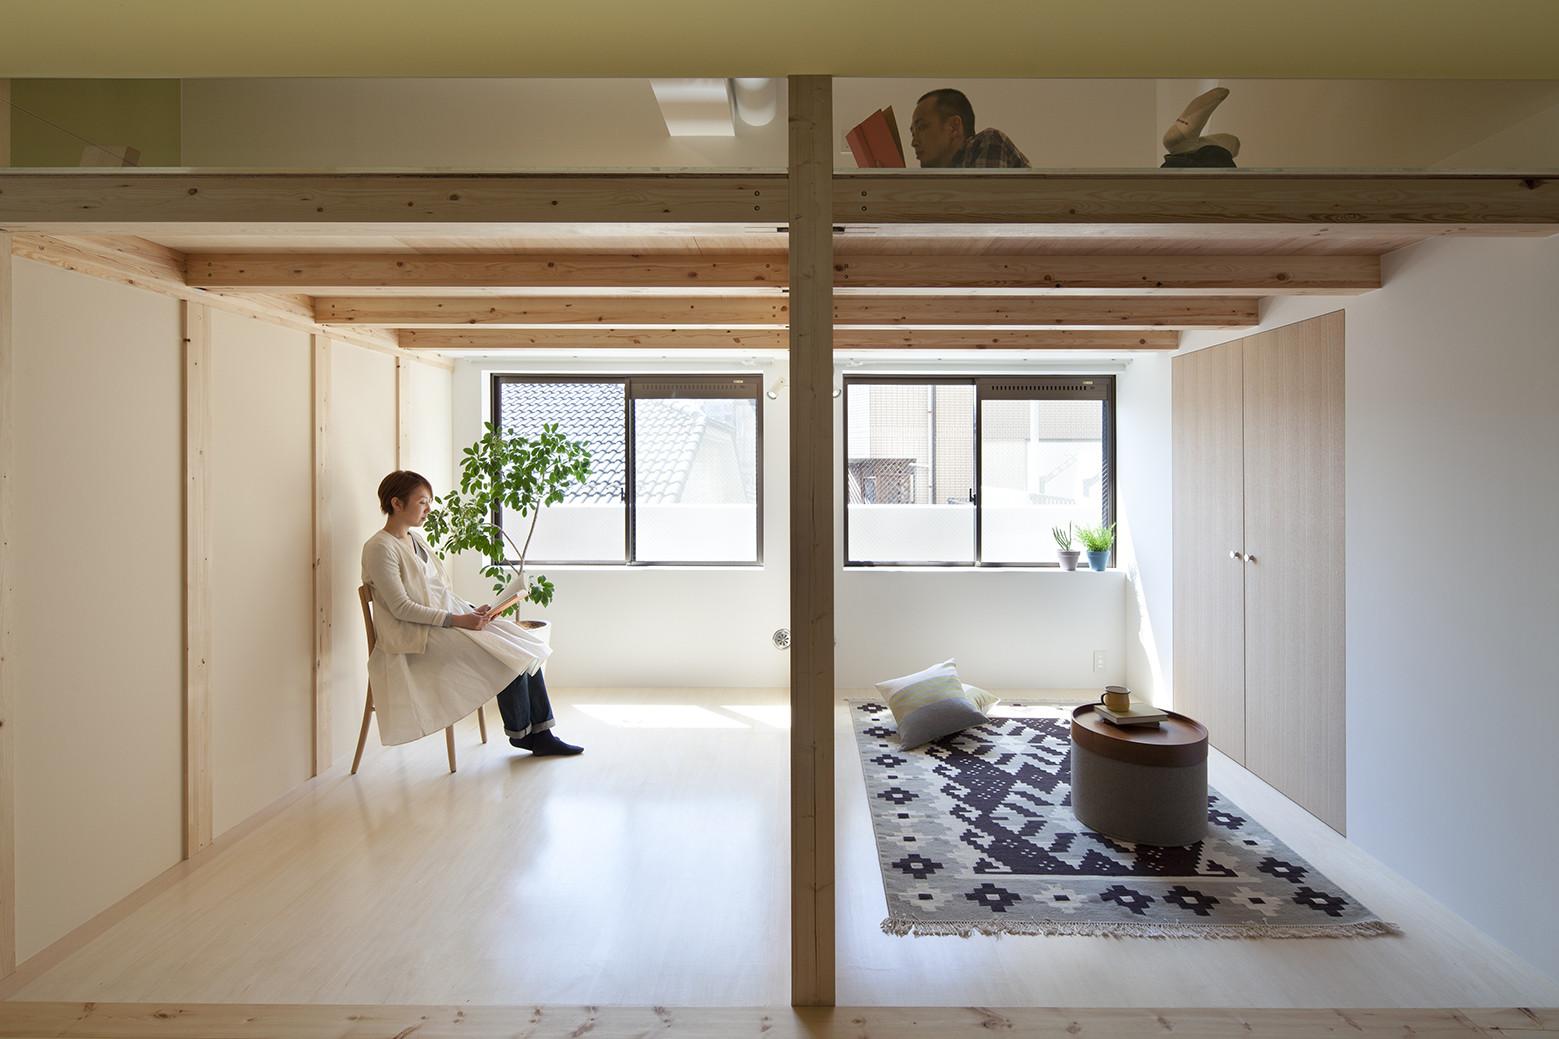 Casa a fujigaoka con camera soppalco by sinato architects - Soppalco in camera ...